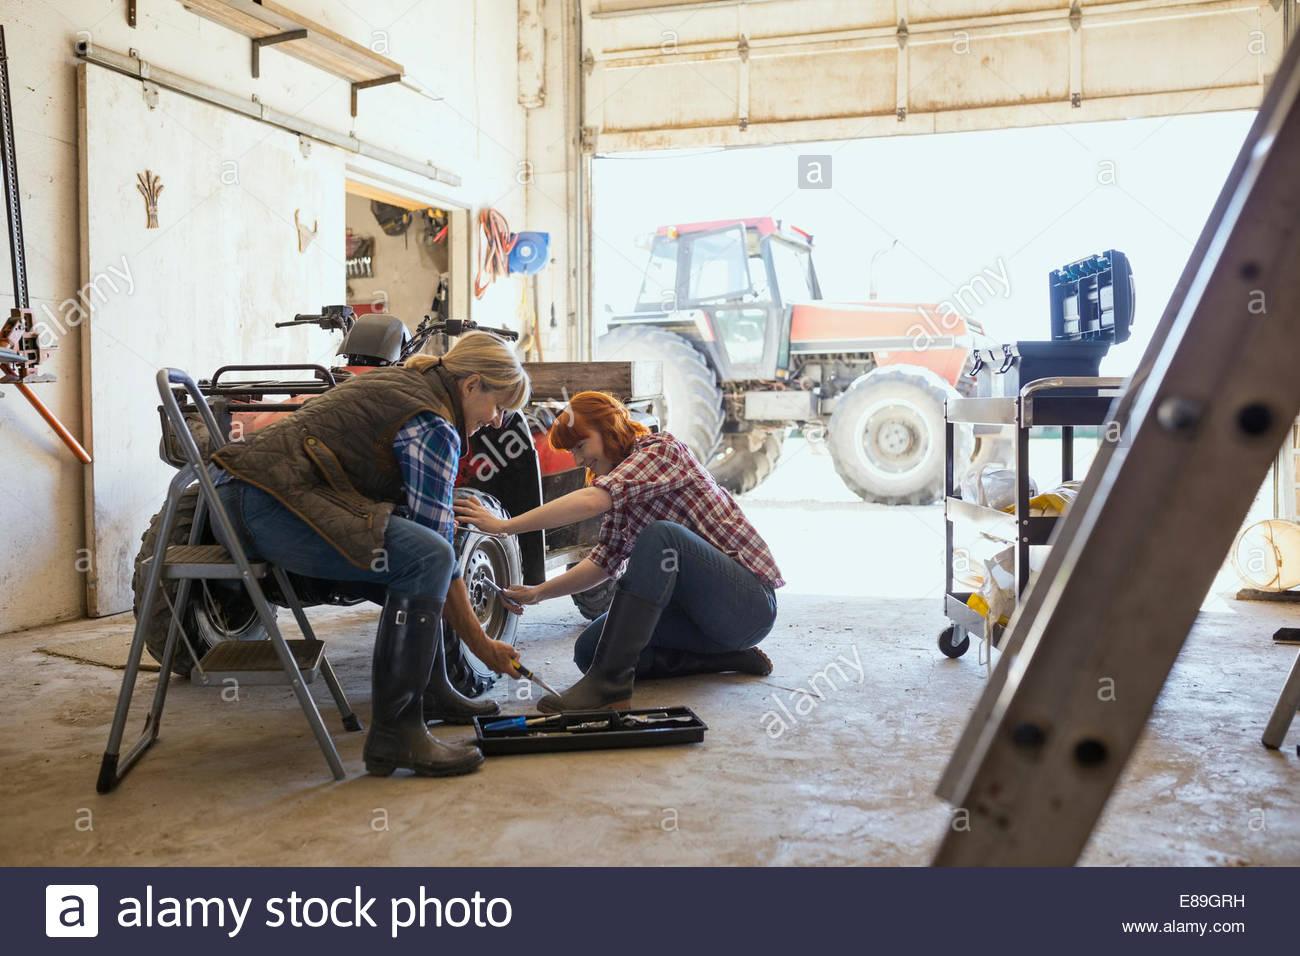 Mère et fille la réparation roue quadbike Photo Stock